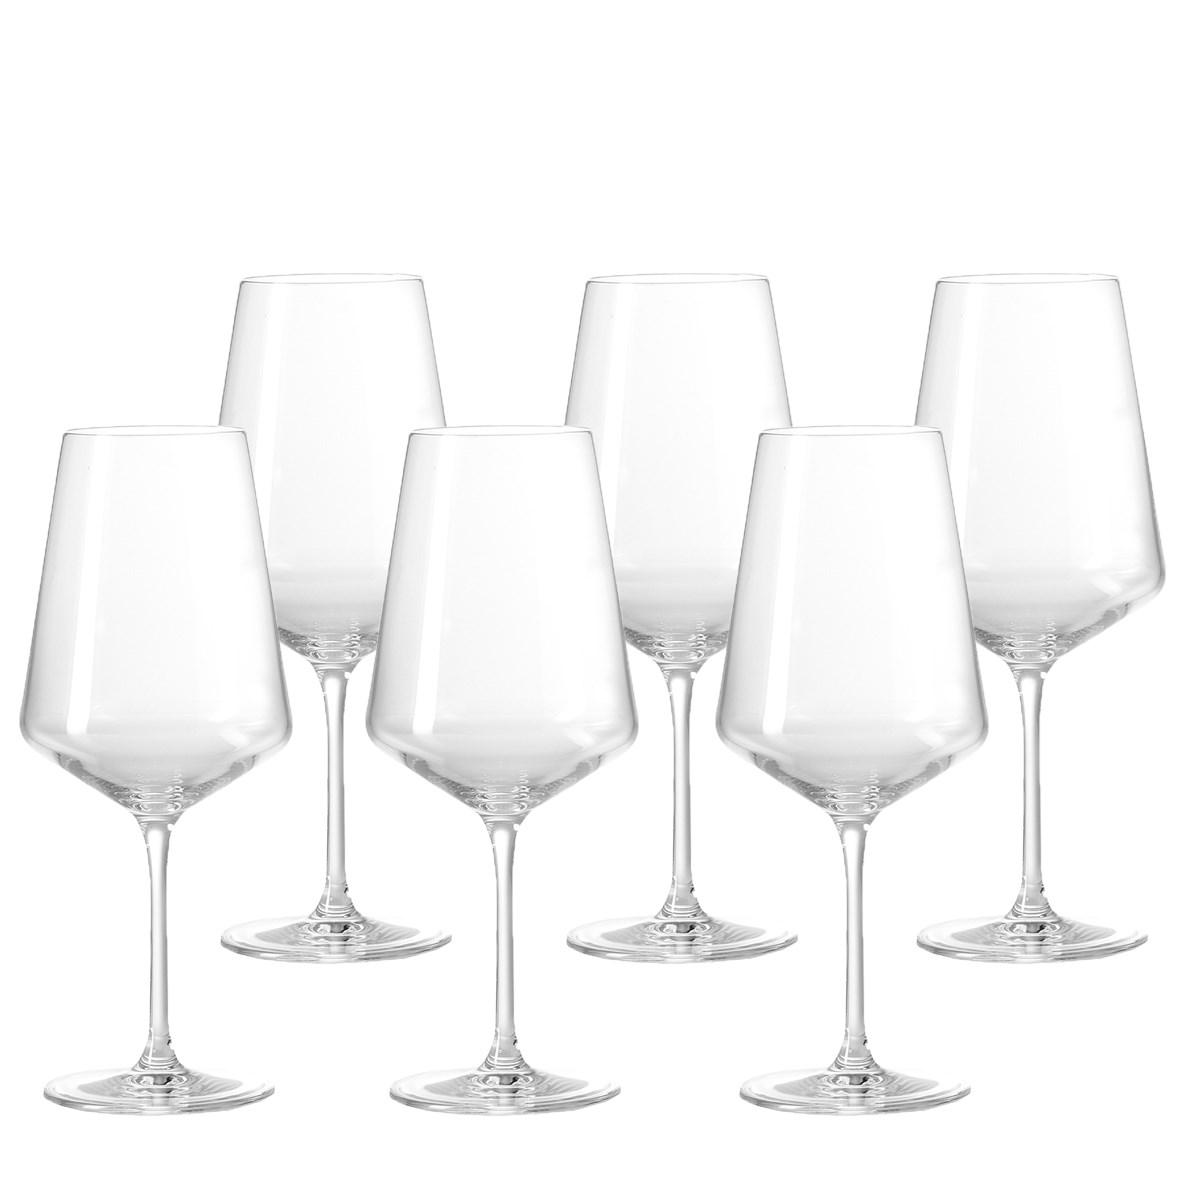 Sklenička na bílé víno PUCCINI 560 ml_1